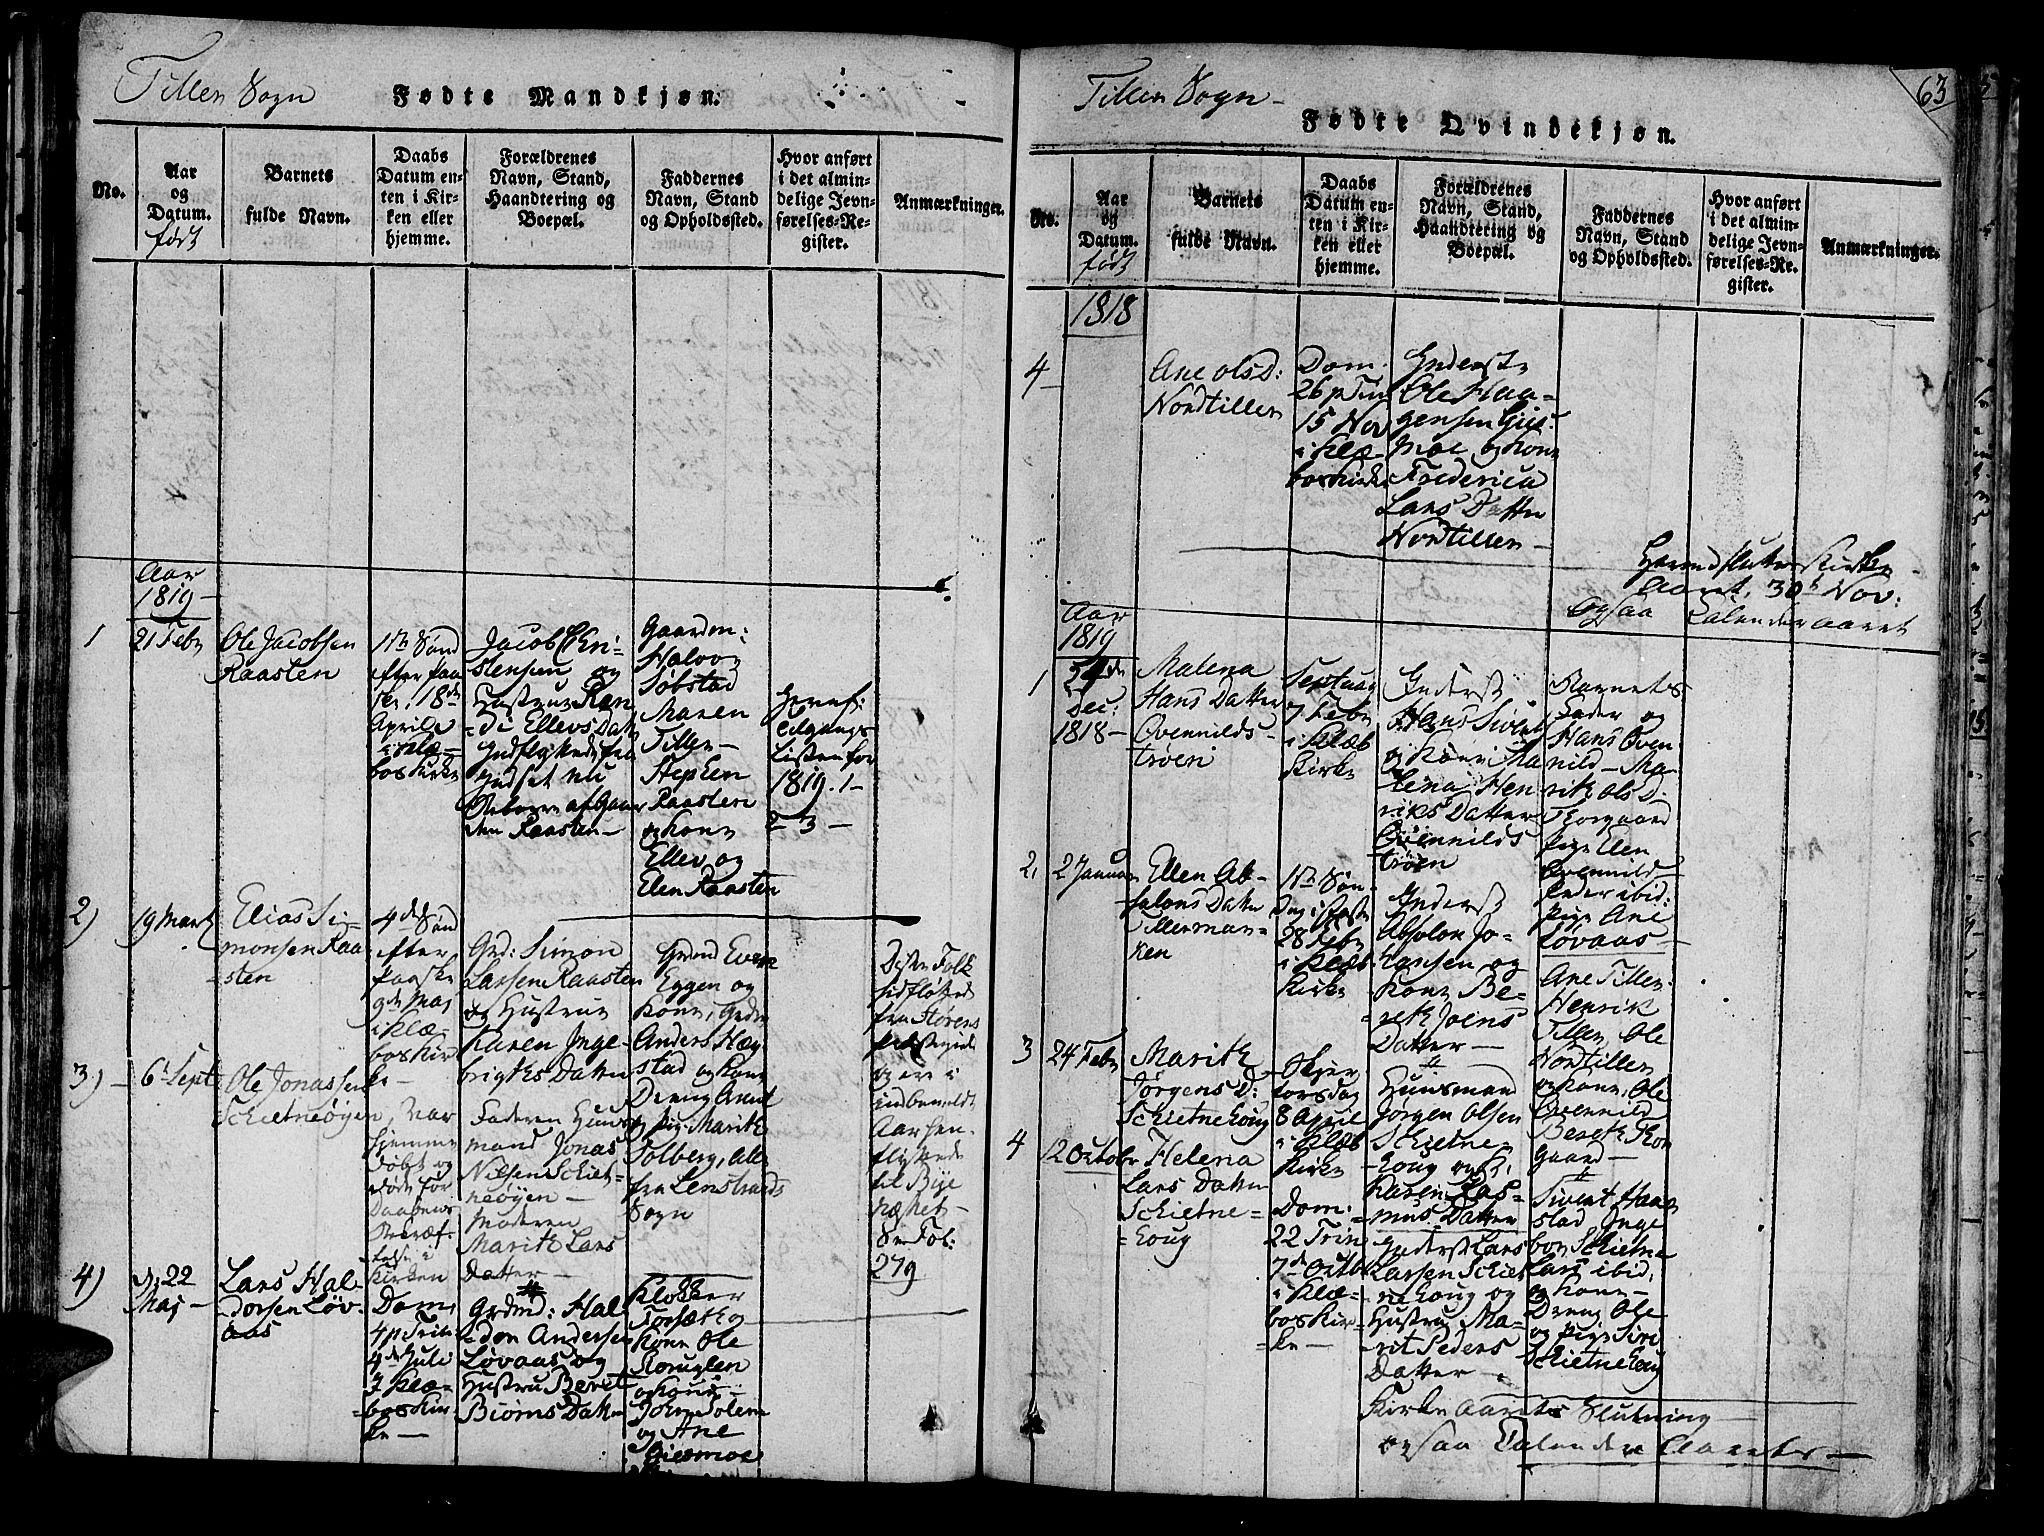 SAT, Ministerialprotokoller, klokkerbøker og fødselsregistre - Sør-Trøndelag, 618/L0440: Ministerialbok nr. 618A04 /2, 1816-1843, s. 63